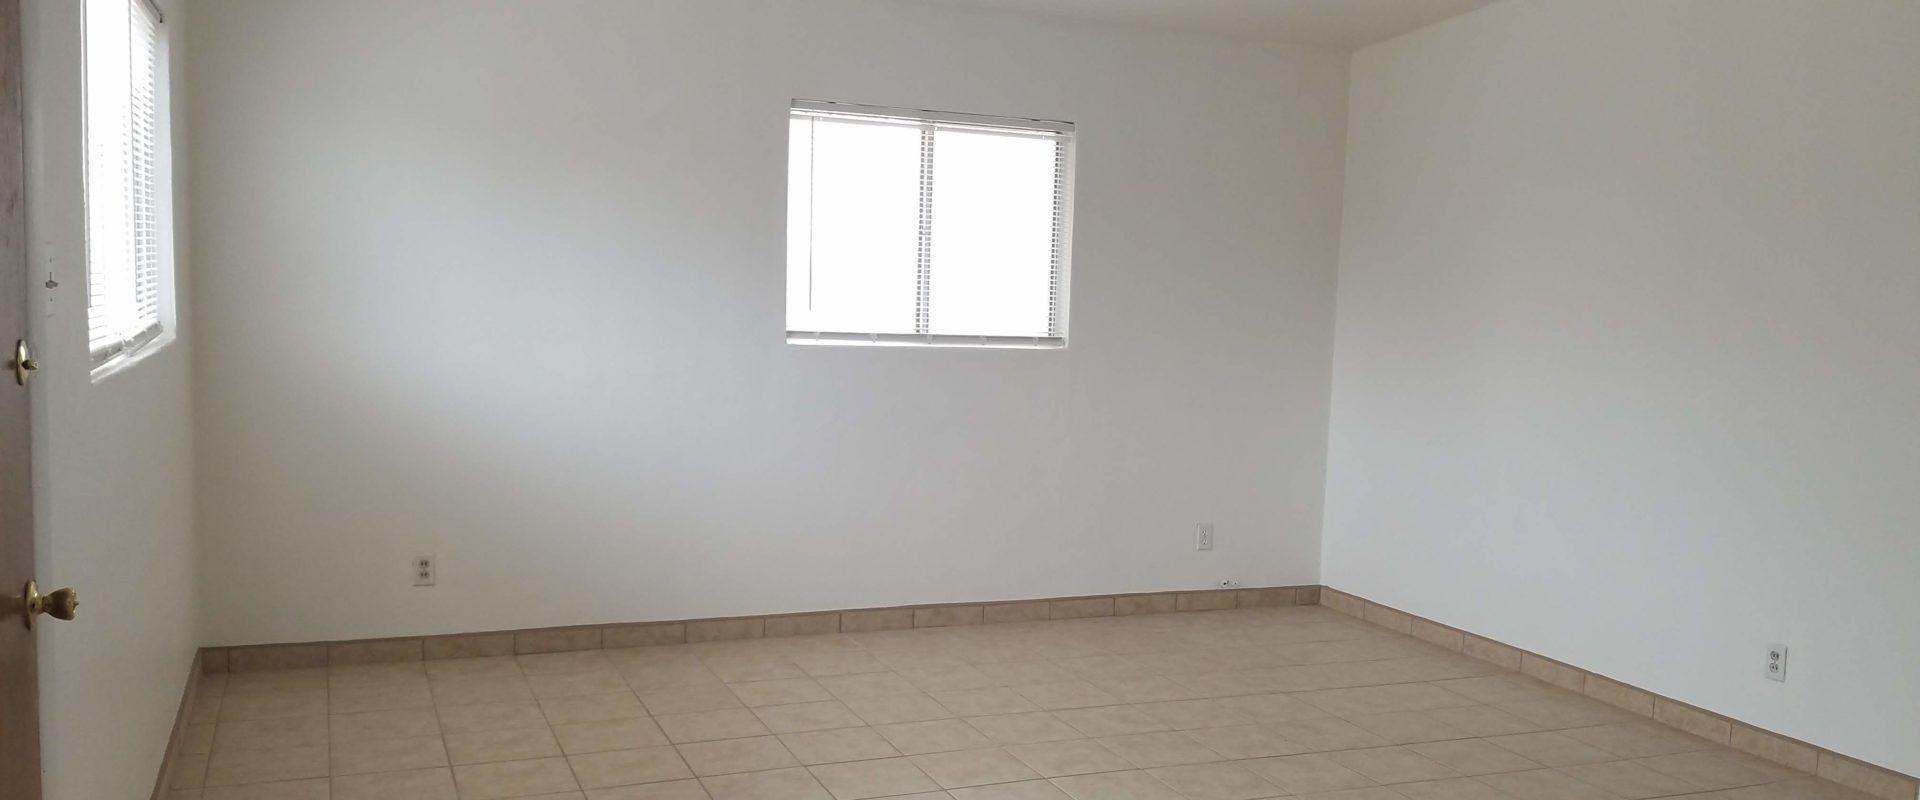 1020 Laurel St., Las Cruces, NM  88001